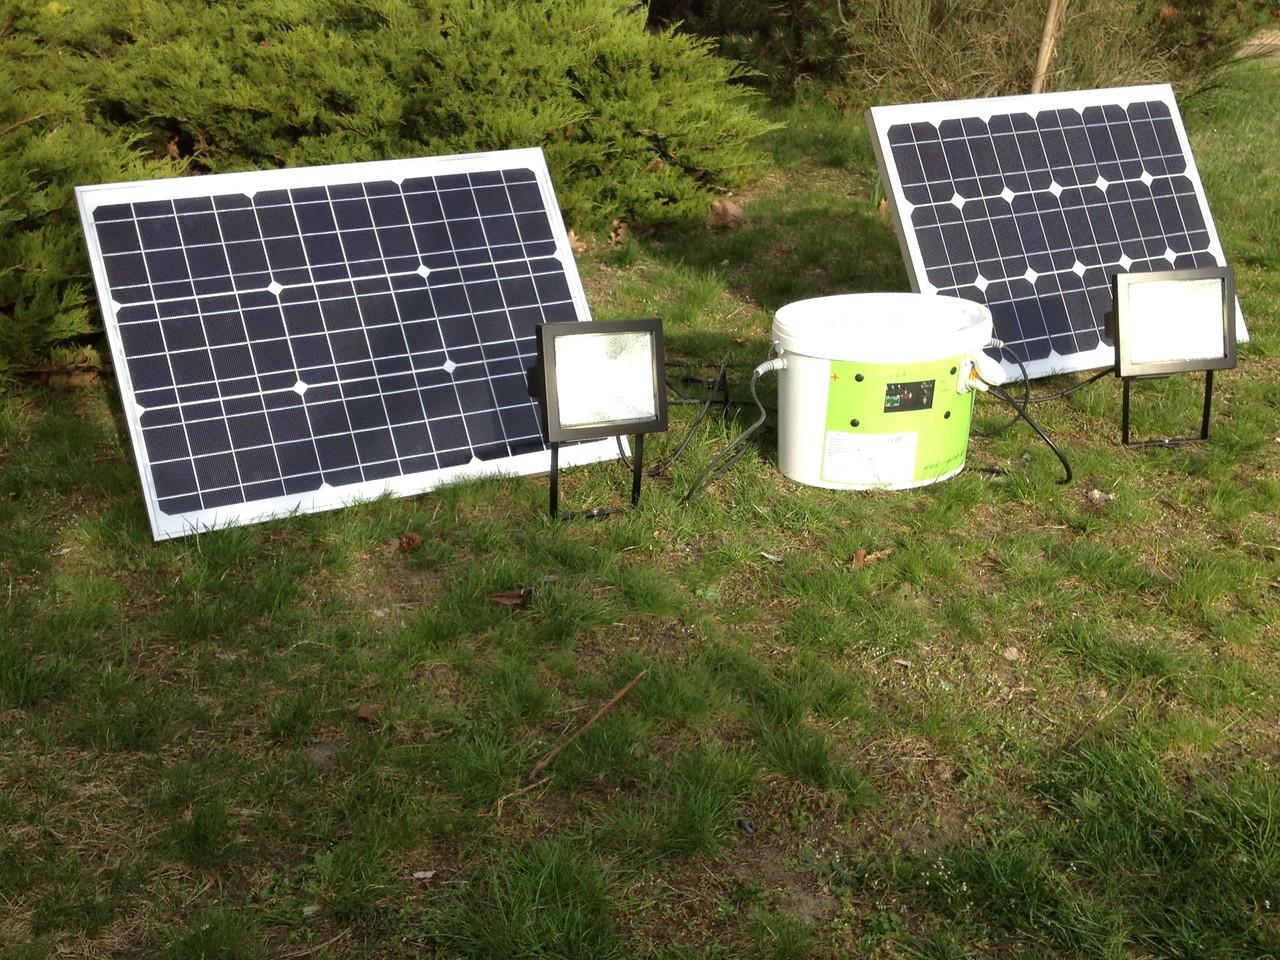 Mit den beiden Solarpanelen können sie auch am Tage dunkle Baustellen erhellen... / While using the solar cells you can illuminate also on cloudly days work site...